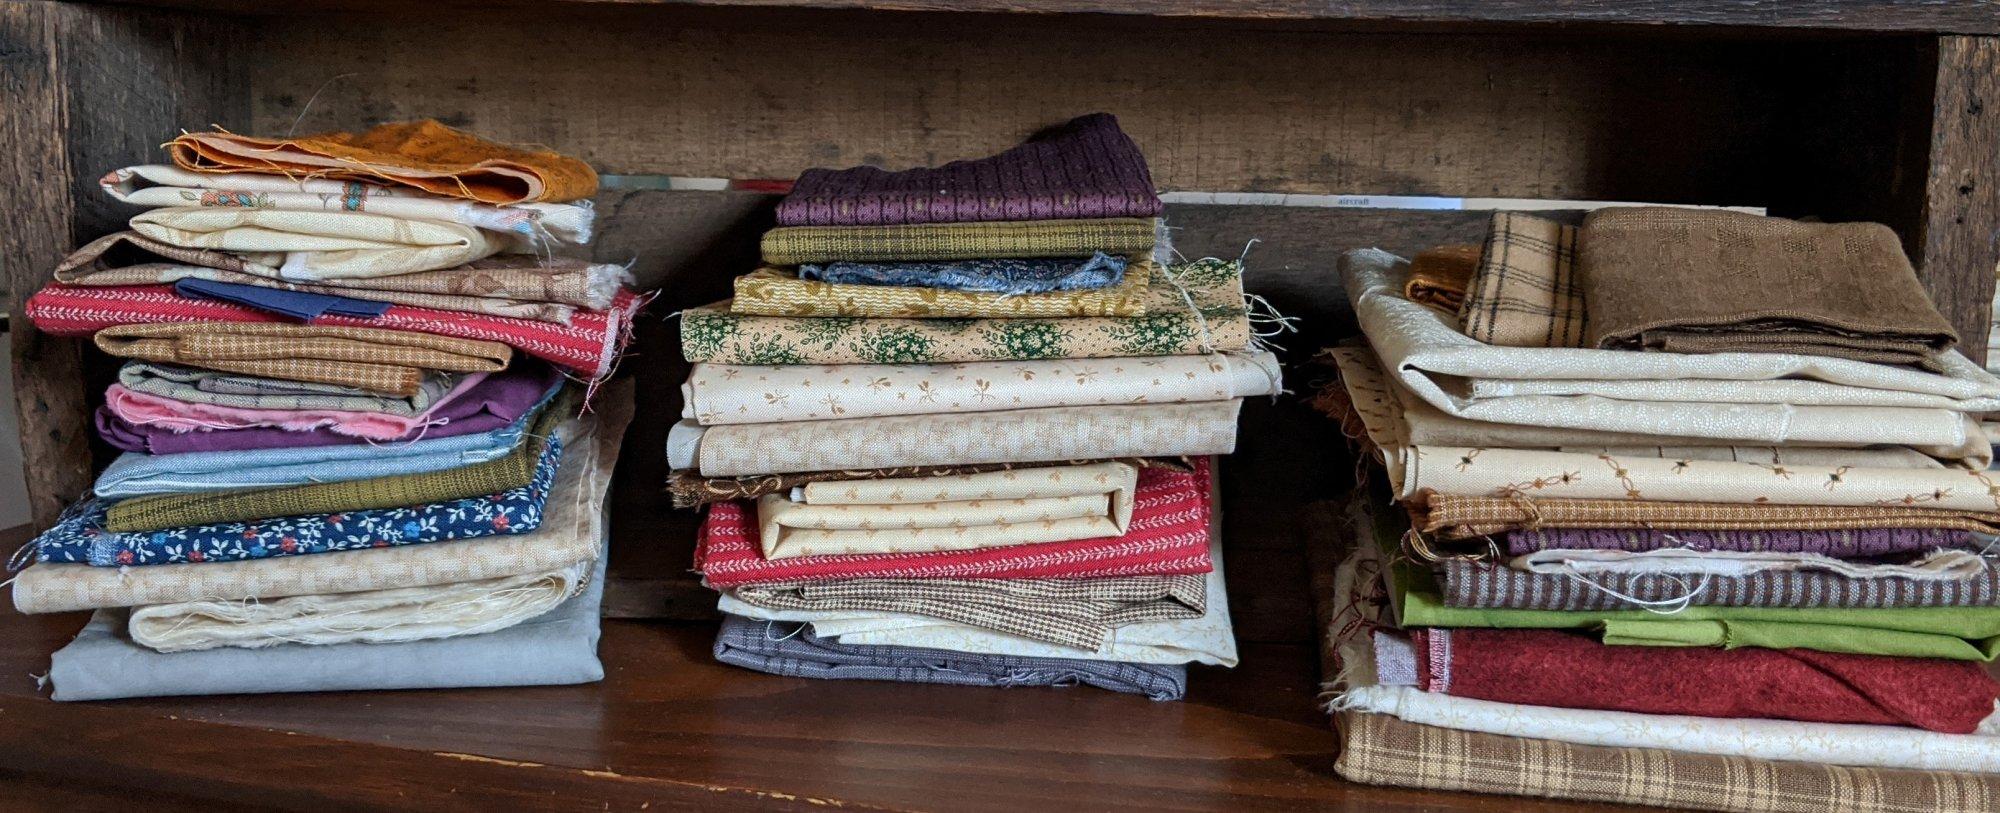 Scrap Bags - 2.5+ Yards of Fabric